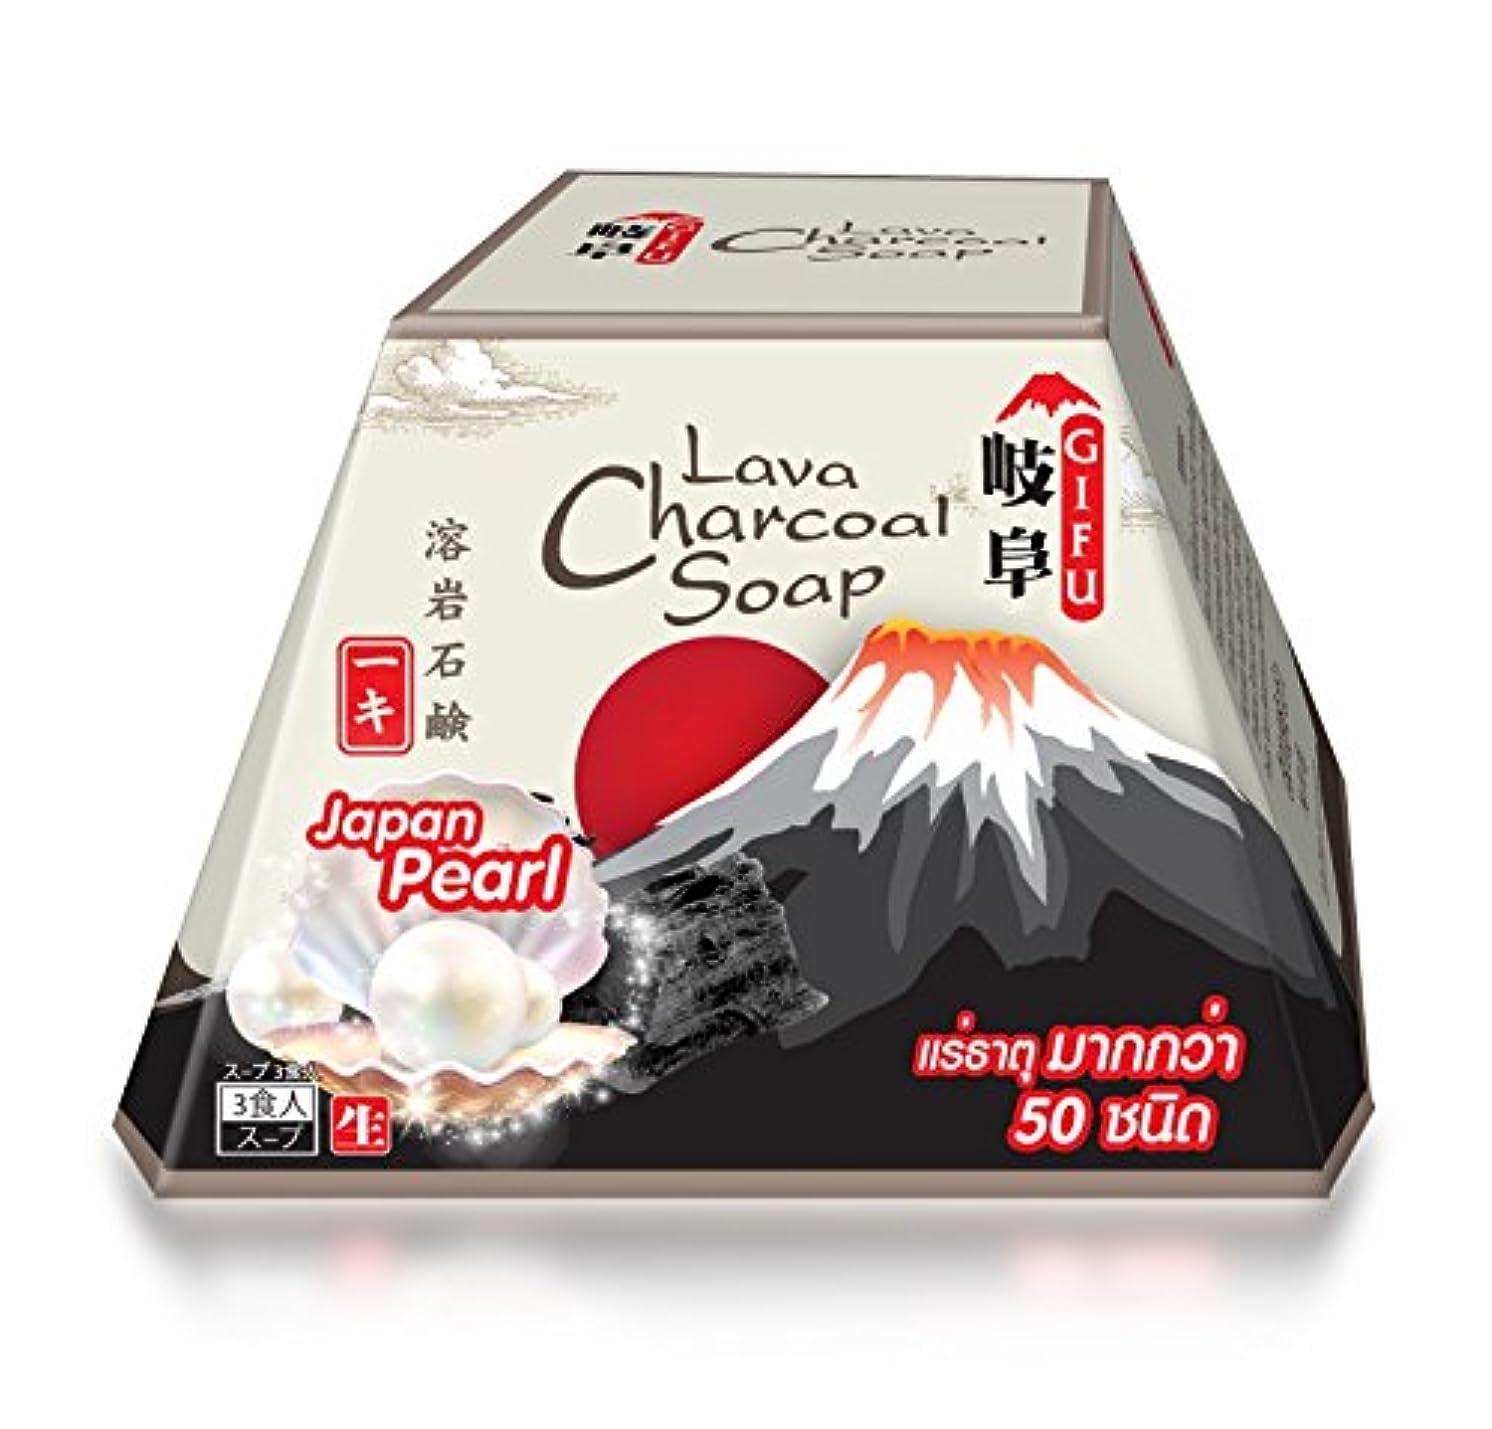 イデオロギー学習者時系列OKI GIFU Lava Charcoal & Japanese Pearl Powder Soap 70g 溶岩炭と日本のパールパウダー